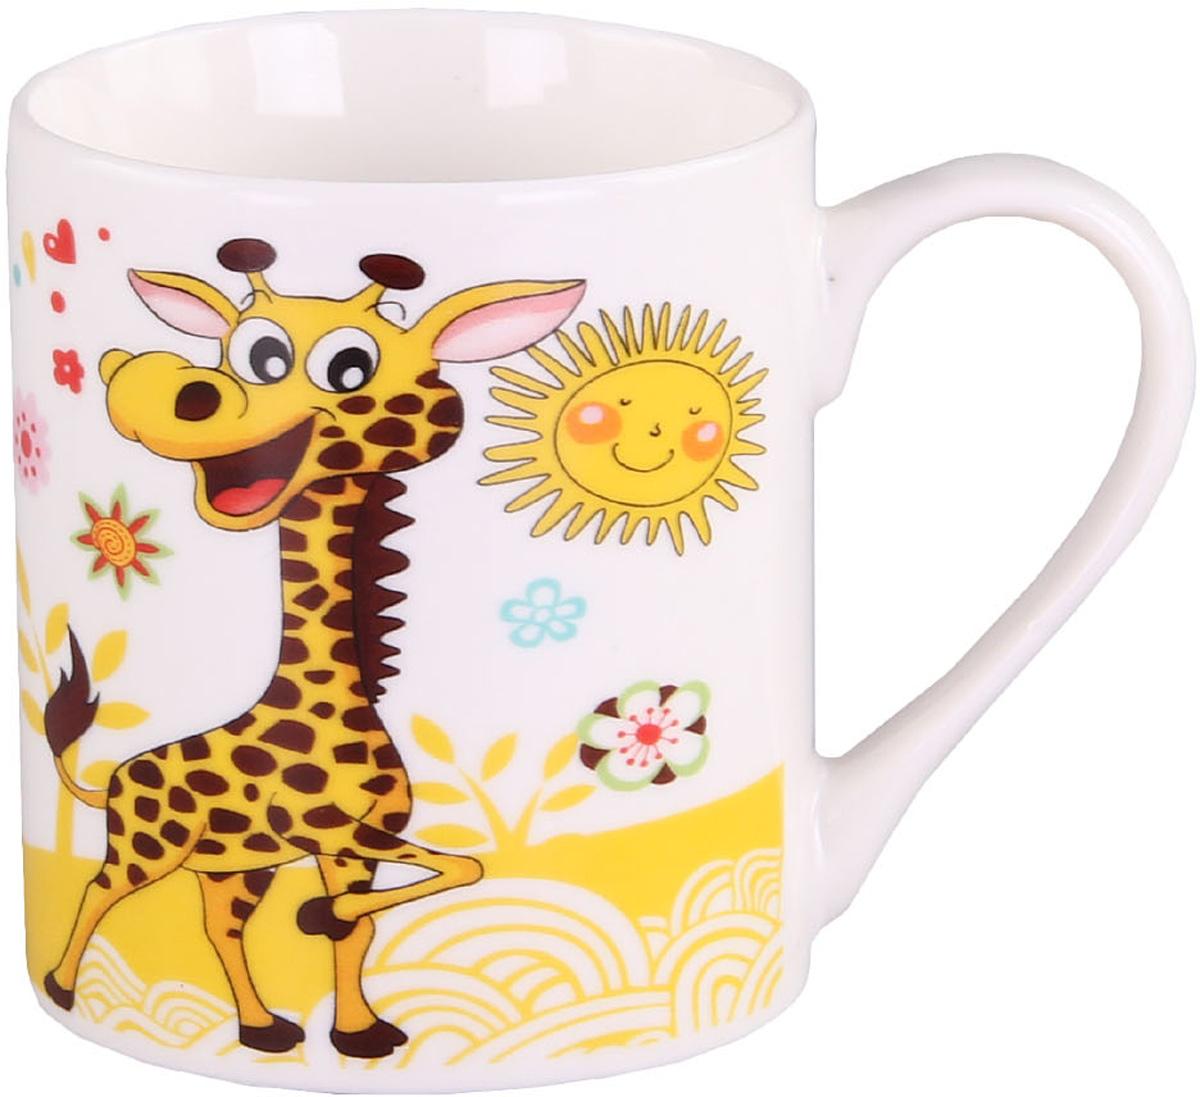 Кружка Patricia, 240 мл. IM57-0200/1IM57-0200/1Кружки изготовлены из фарфора. Изделие имеет яркий дизайн который ,несомненно, поднимет настроение, Вам и вашему ребенку, будничным утром.